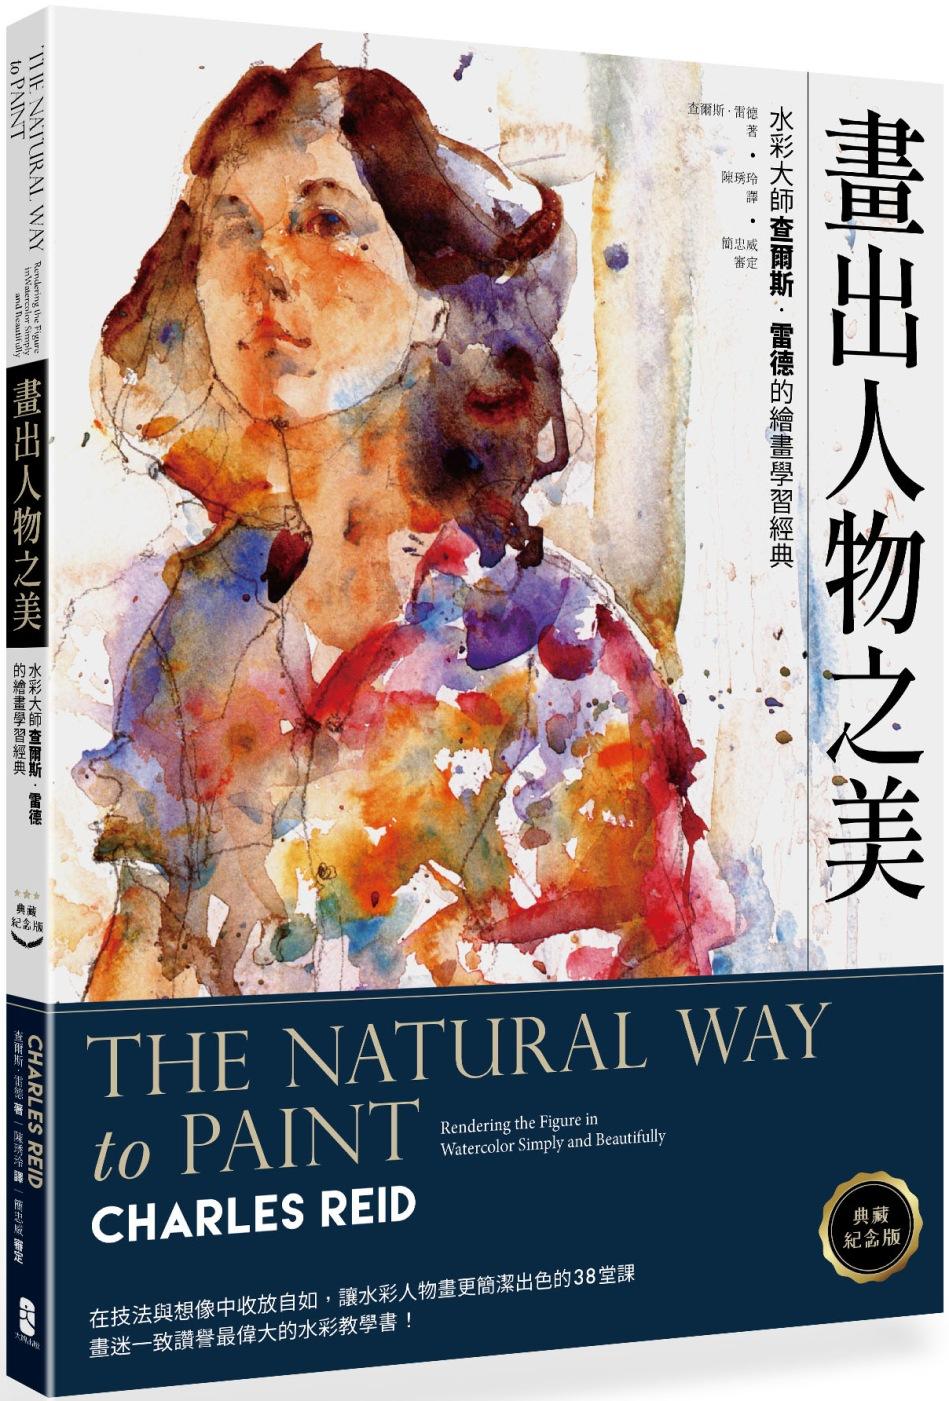 畫出人物之美:水彩大師查爾斯‧雷德的繪畫學習經典【典藏紀念版】